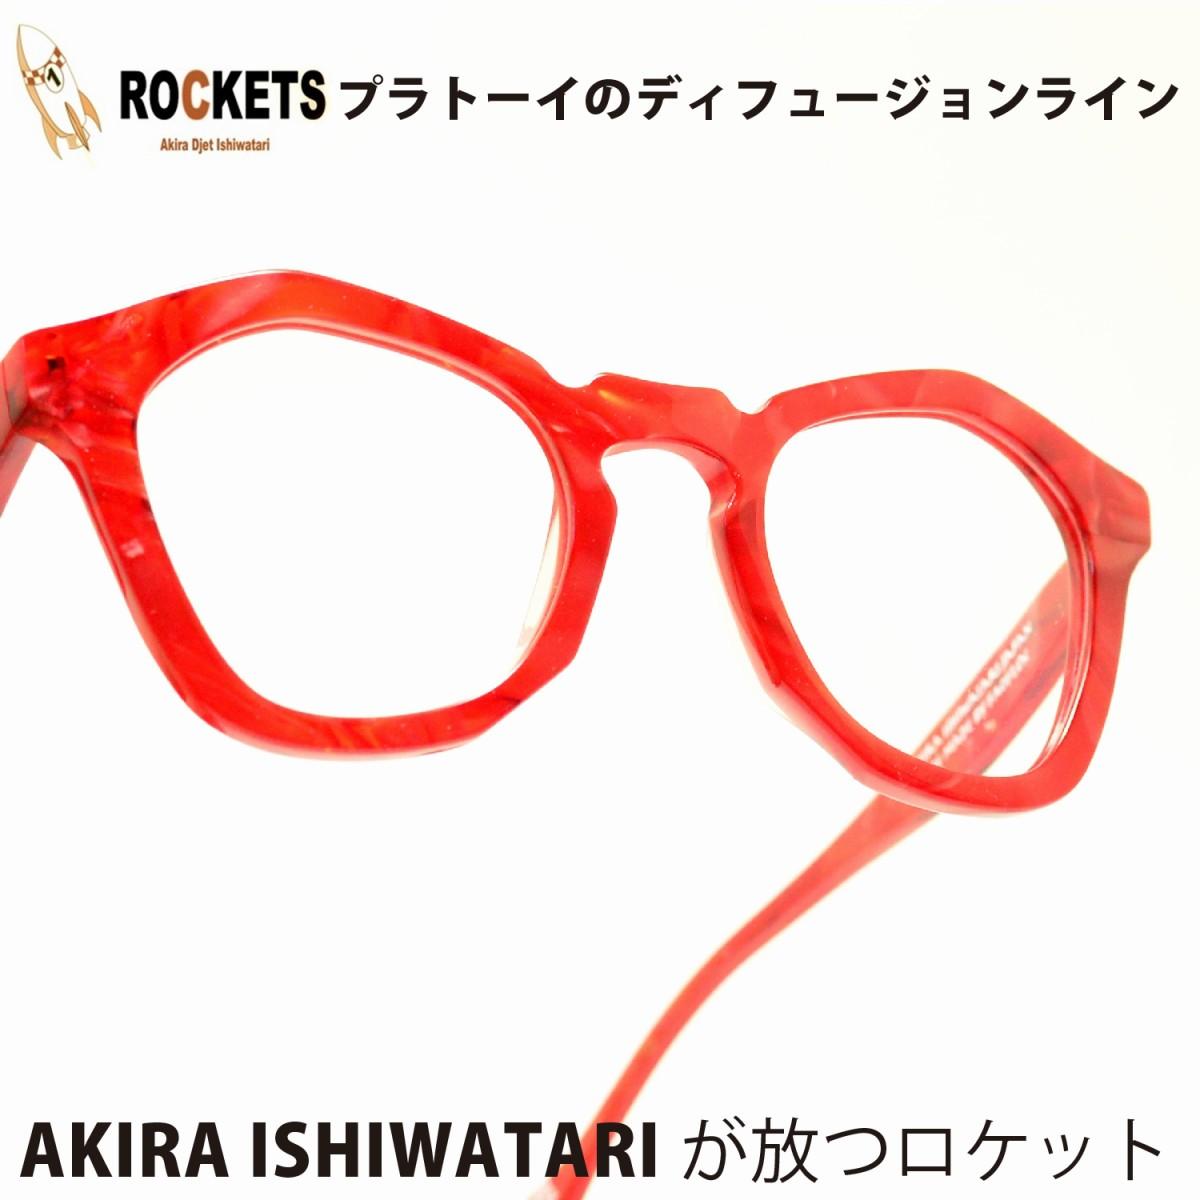 ROCKETS ABBY COL-BURNメガネ 眼鏡 めがね メンズ レディース おしゃれ ブランド 人気 おすすめ フレーム 流行り 度付き レンズ